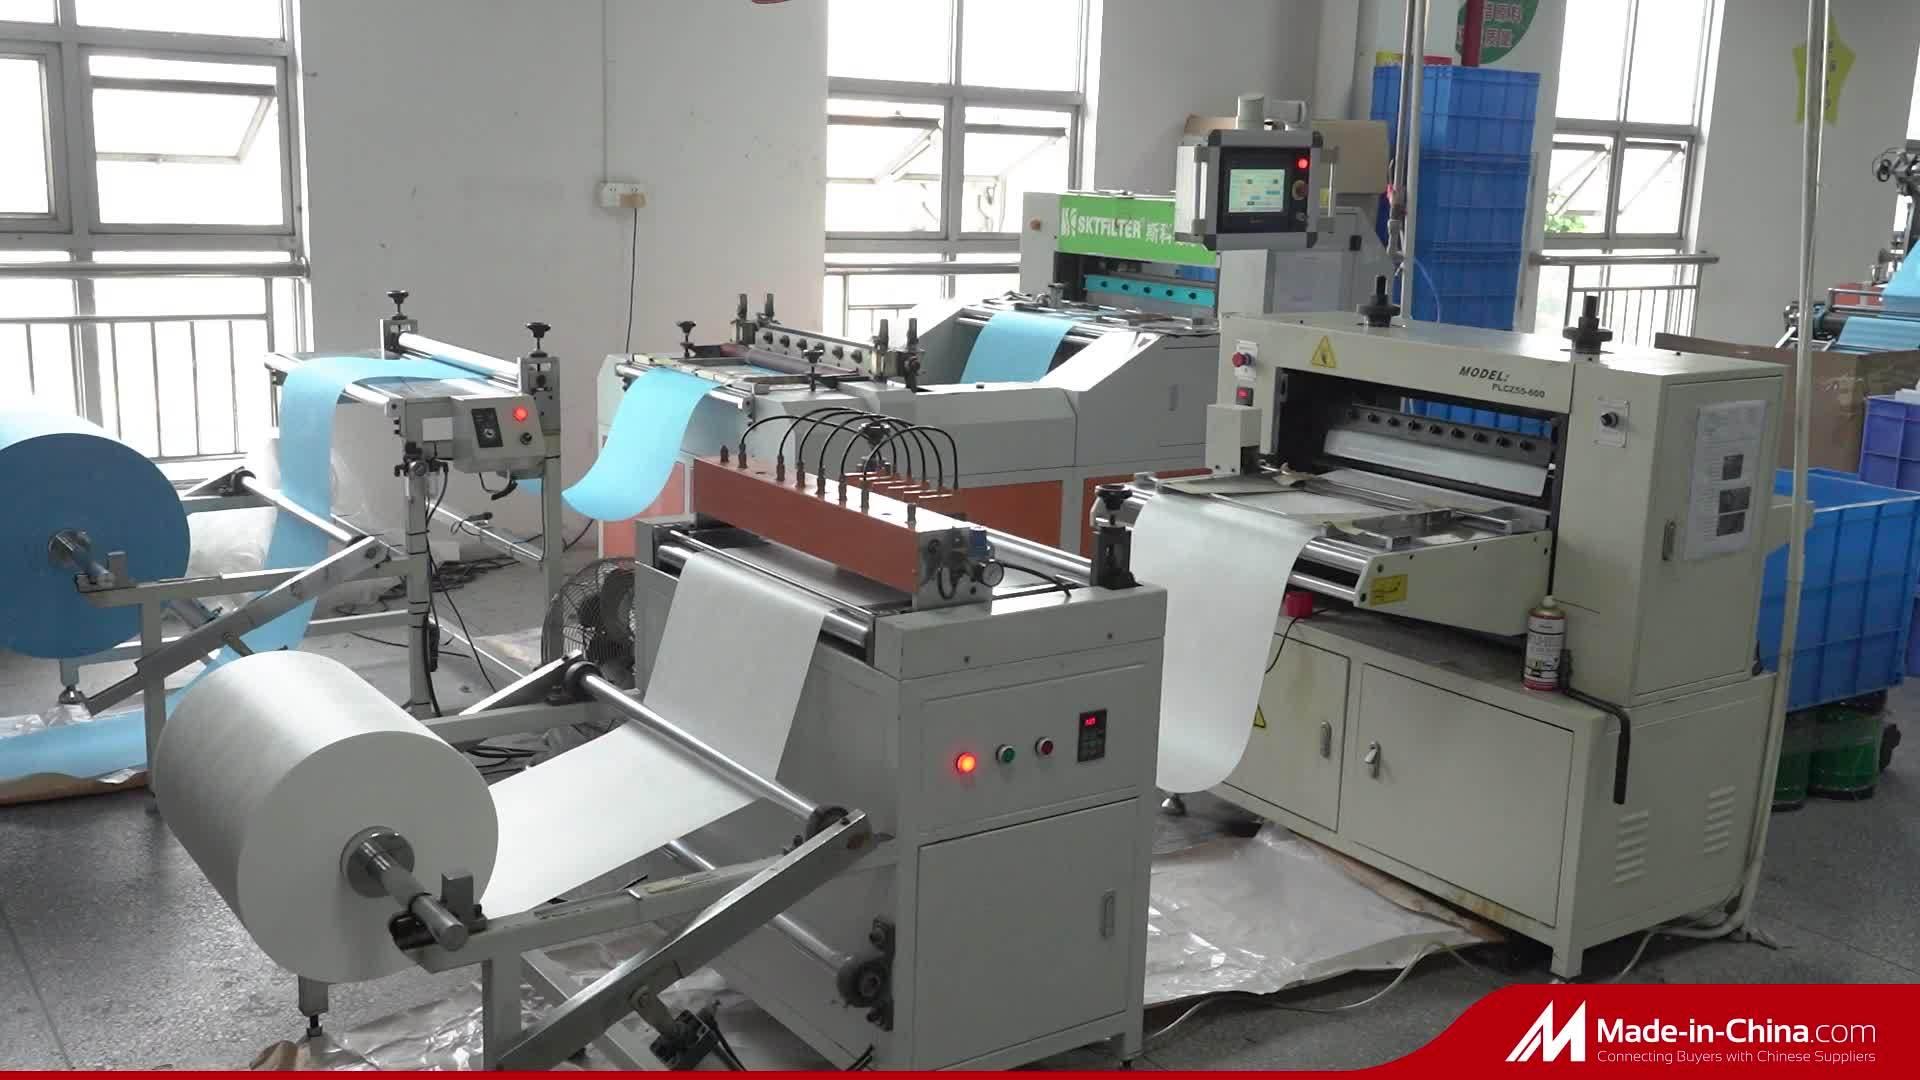 استبدال فلتر HEPA بنسبة 99.97% لمنقّي الهواء Honeywell Hpa300 Hp100